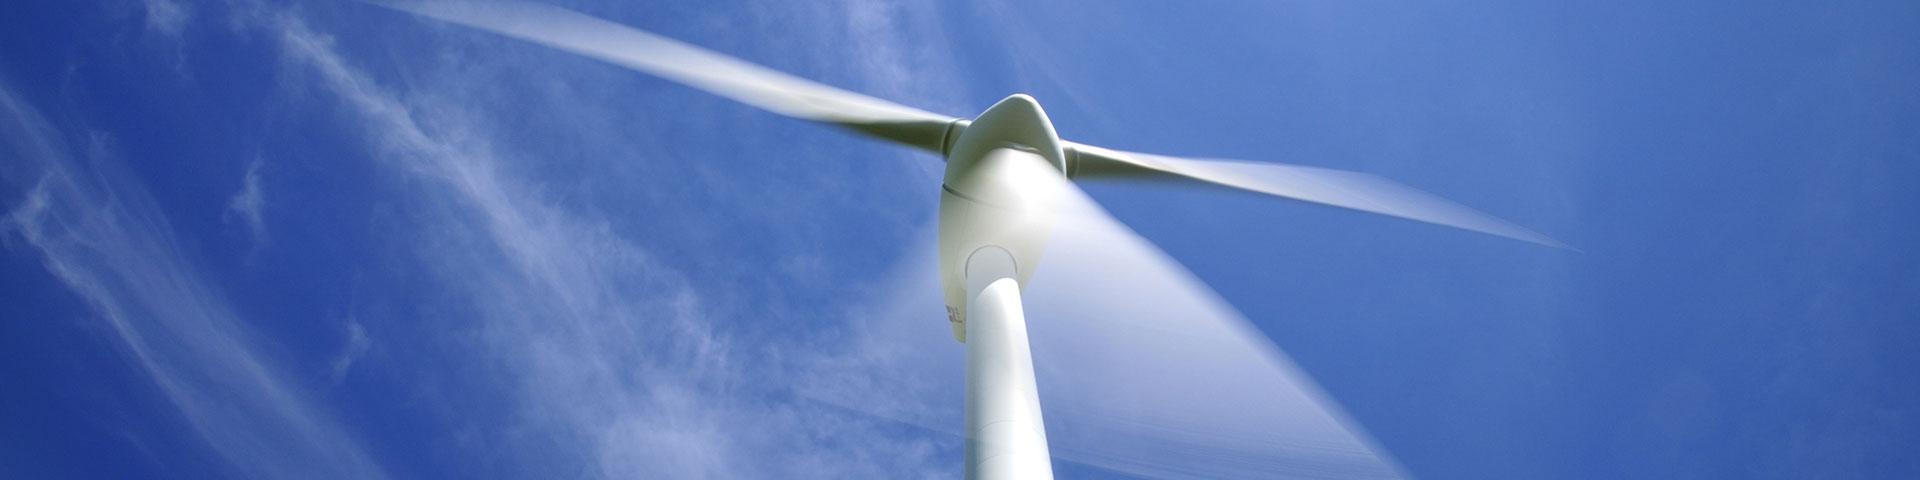 Titelbild zu Priorität 2 - Nachhaltige Entwicklung - ein sich drehendes Windrad vor blauem Himmel